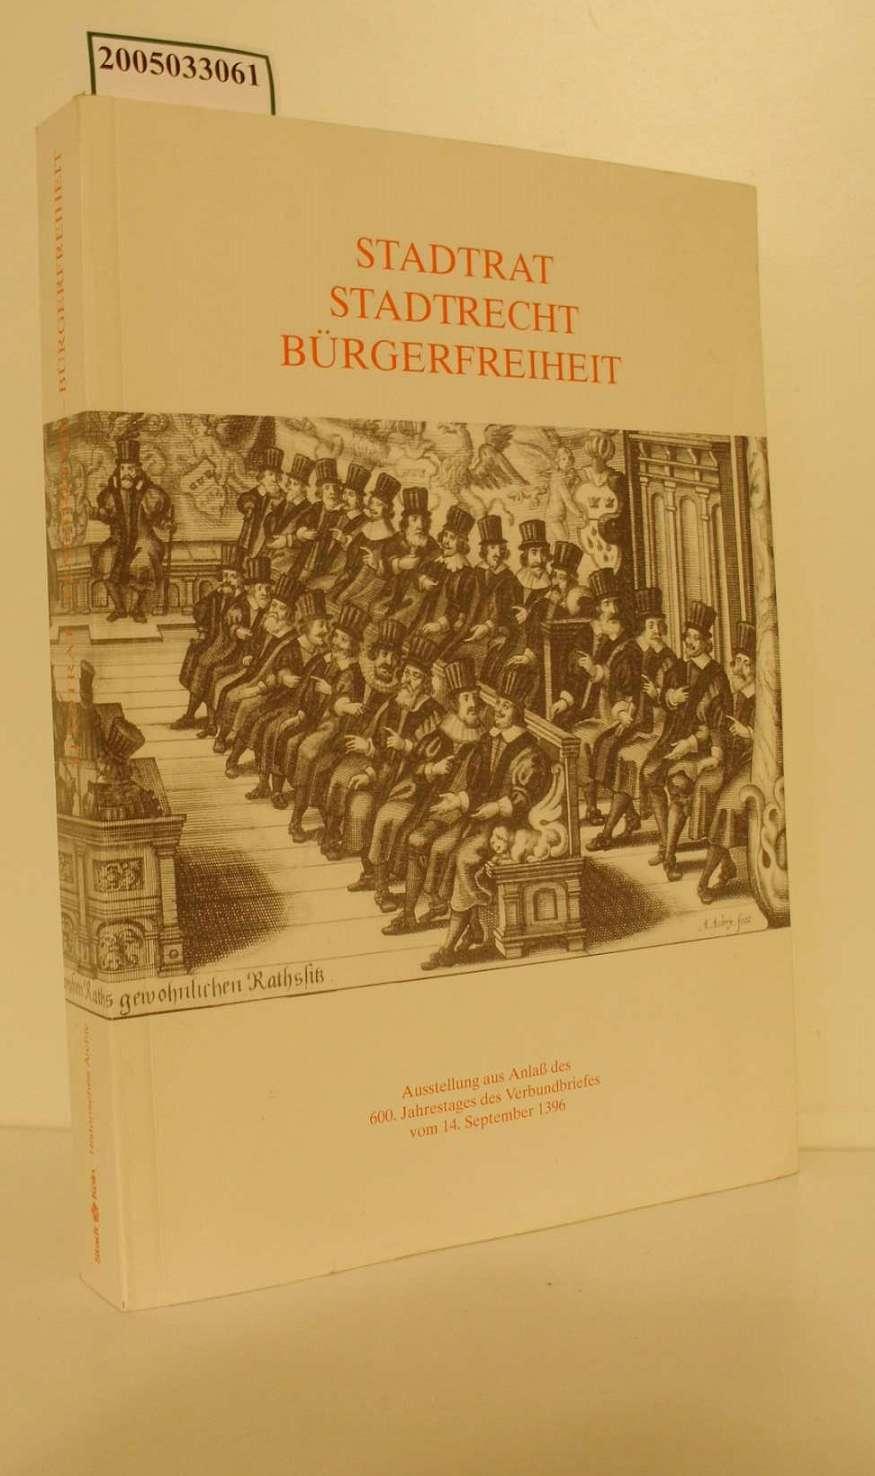 Stadtrat, Stadtrecht, Bürgerfreiheit : Historisches Archiv der: Militzer, Klaus: